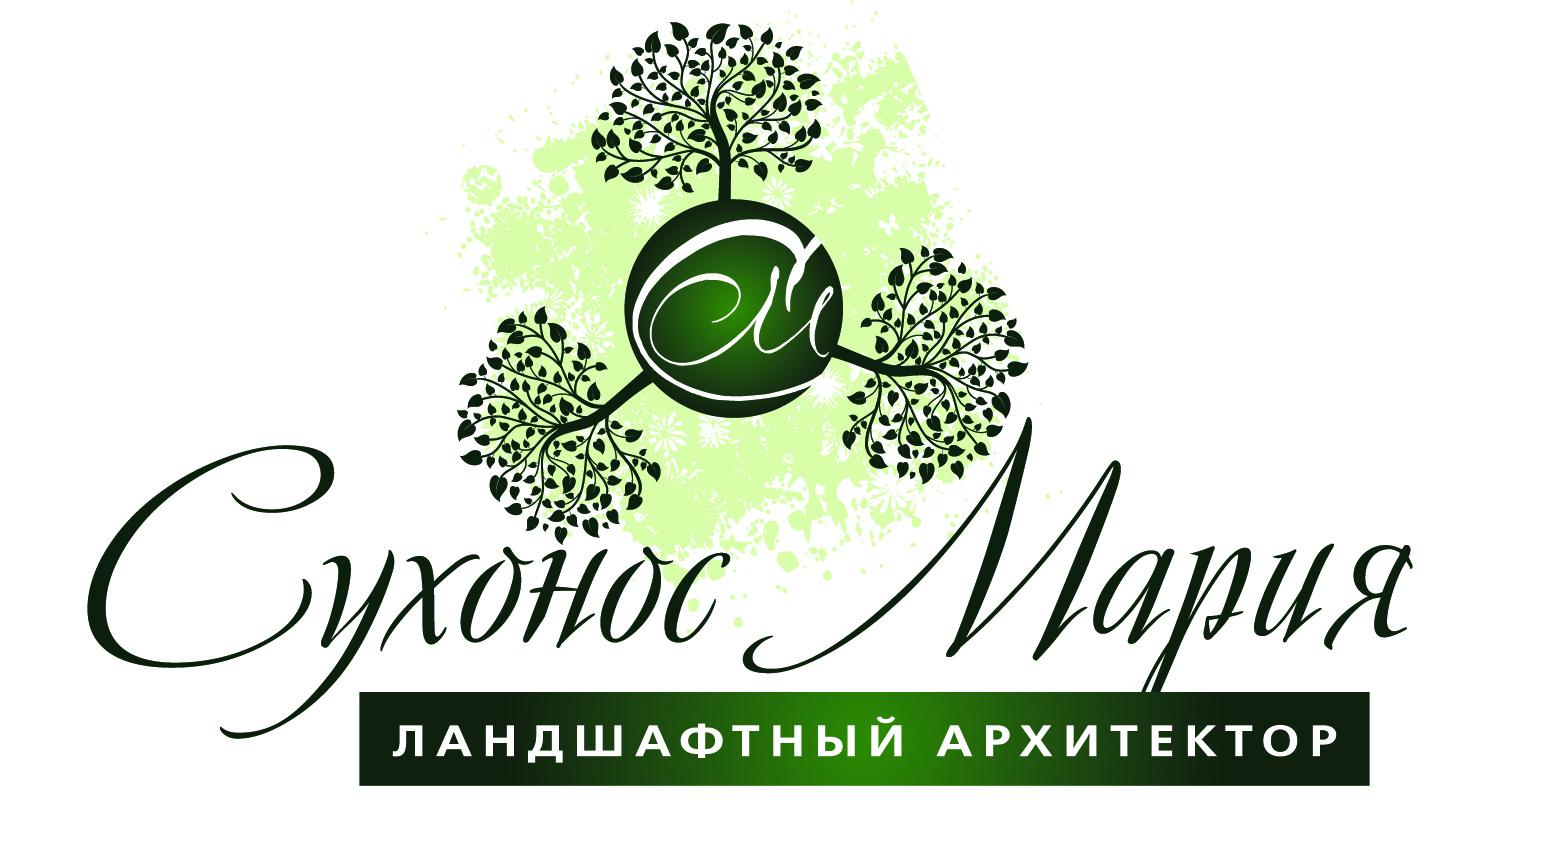 Логотип ландшафтного дизайнера